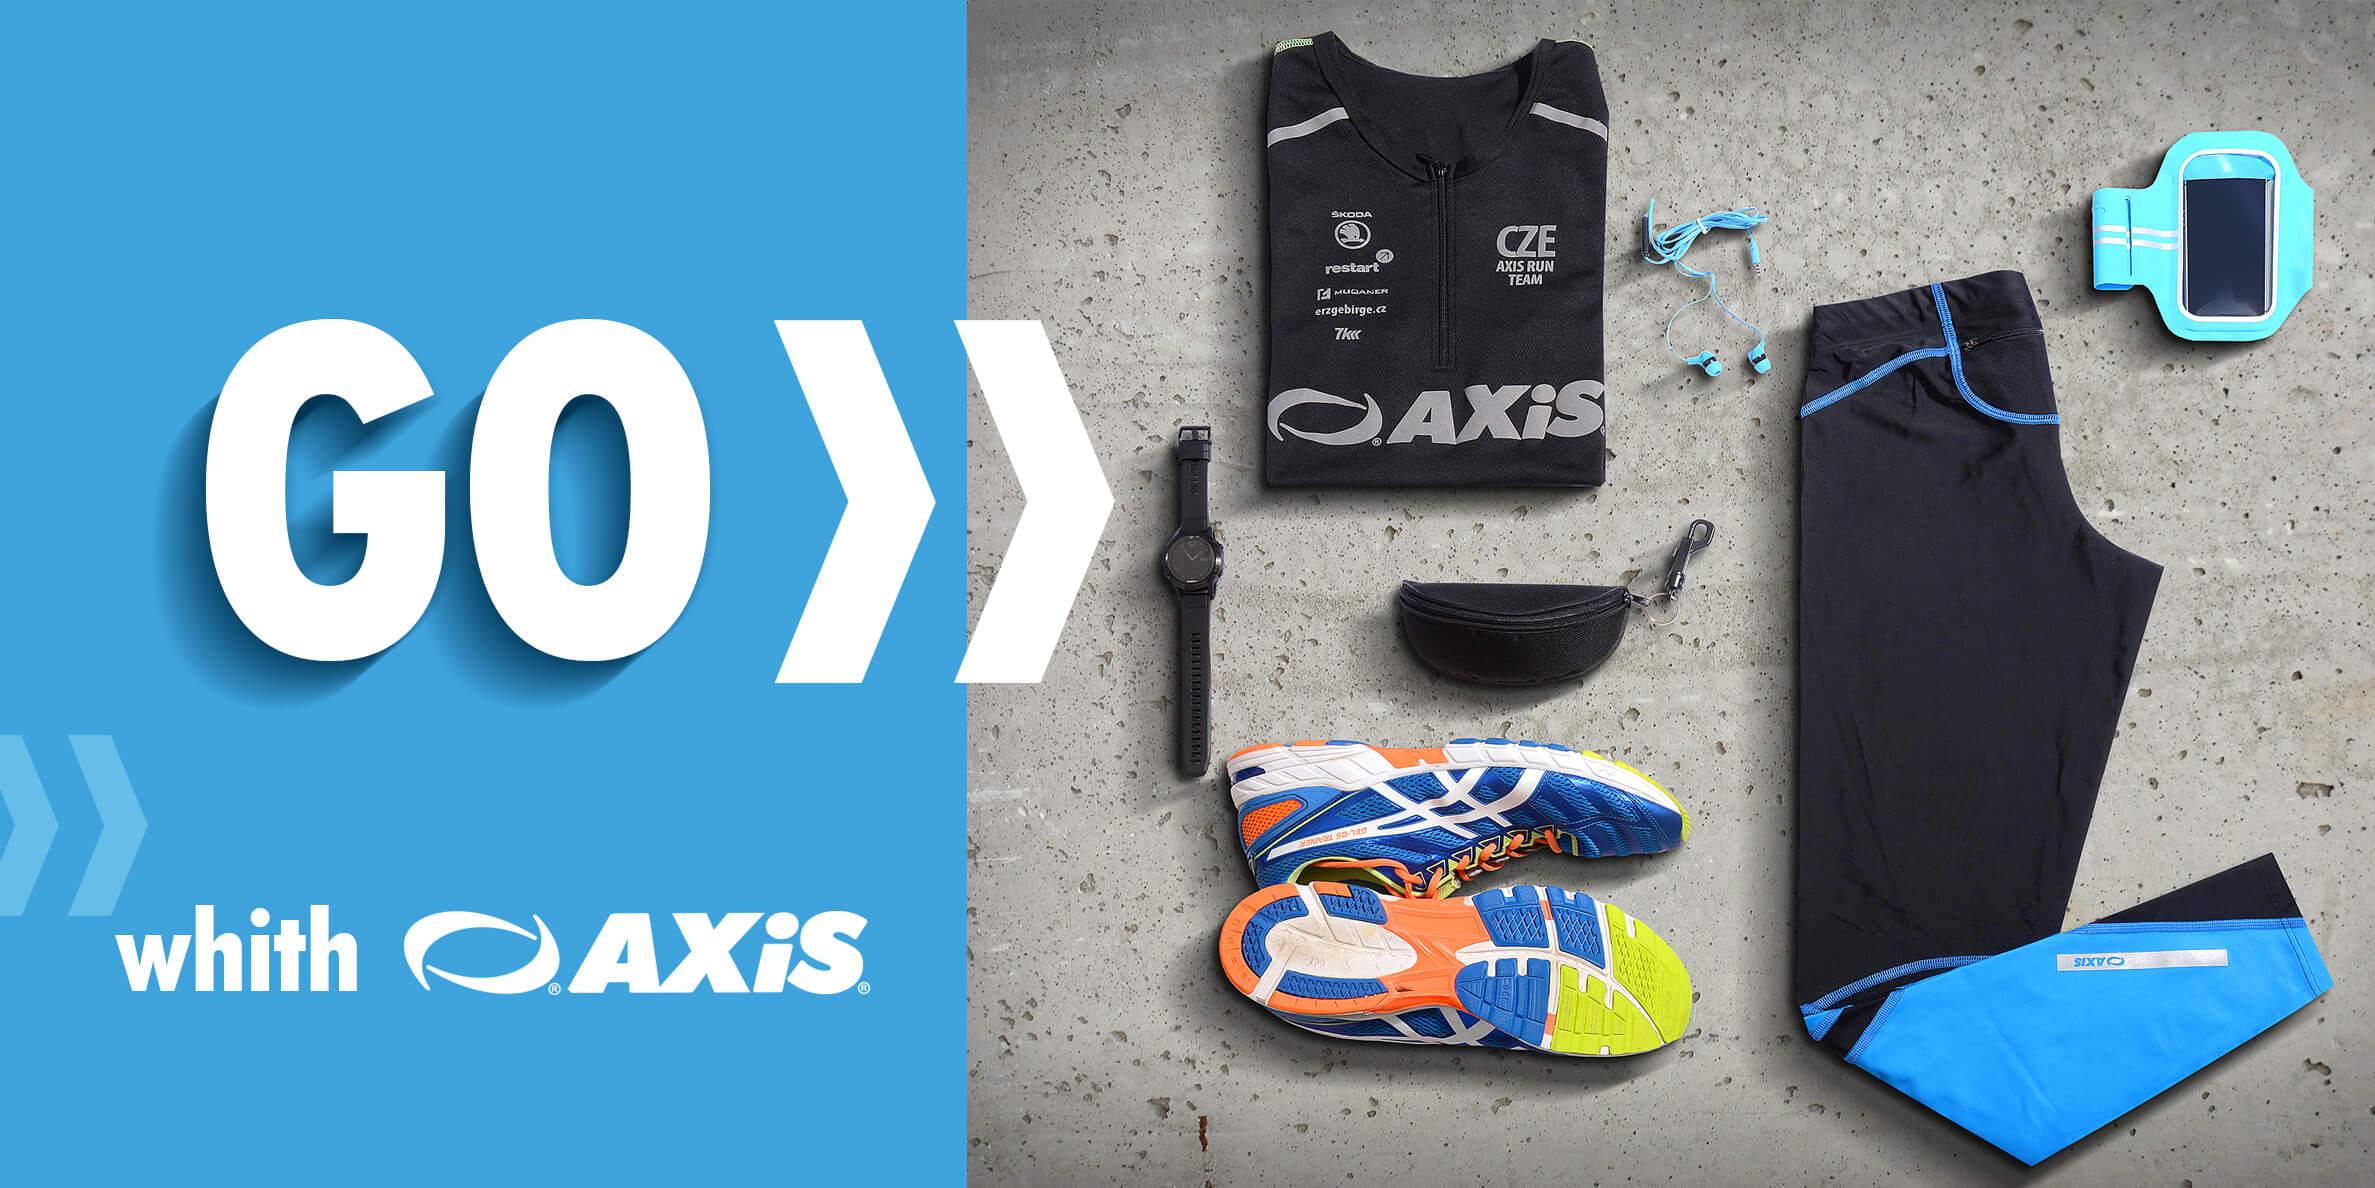 0a5e37ad9 Pánské a dámské plavky, sportovní plavky a sportovní oblečení - Axiswear